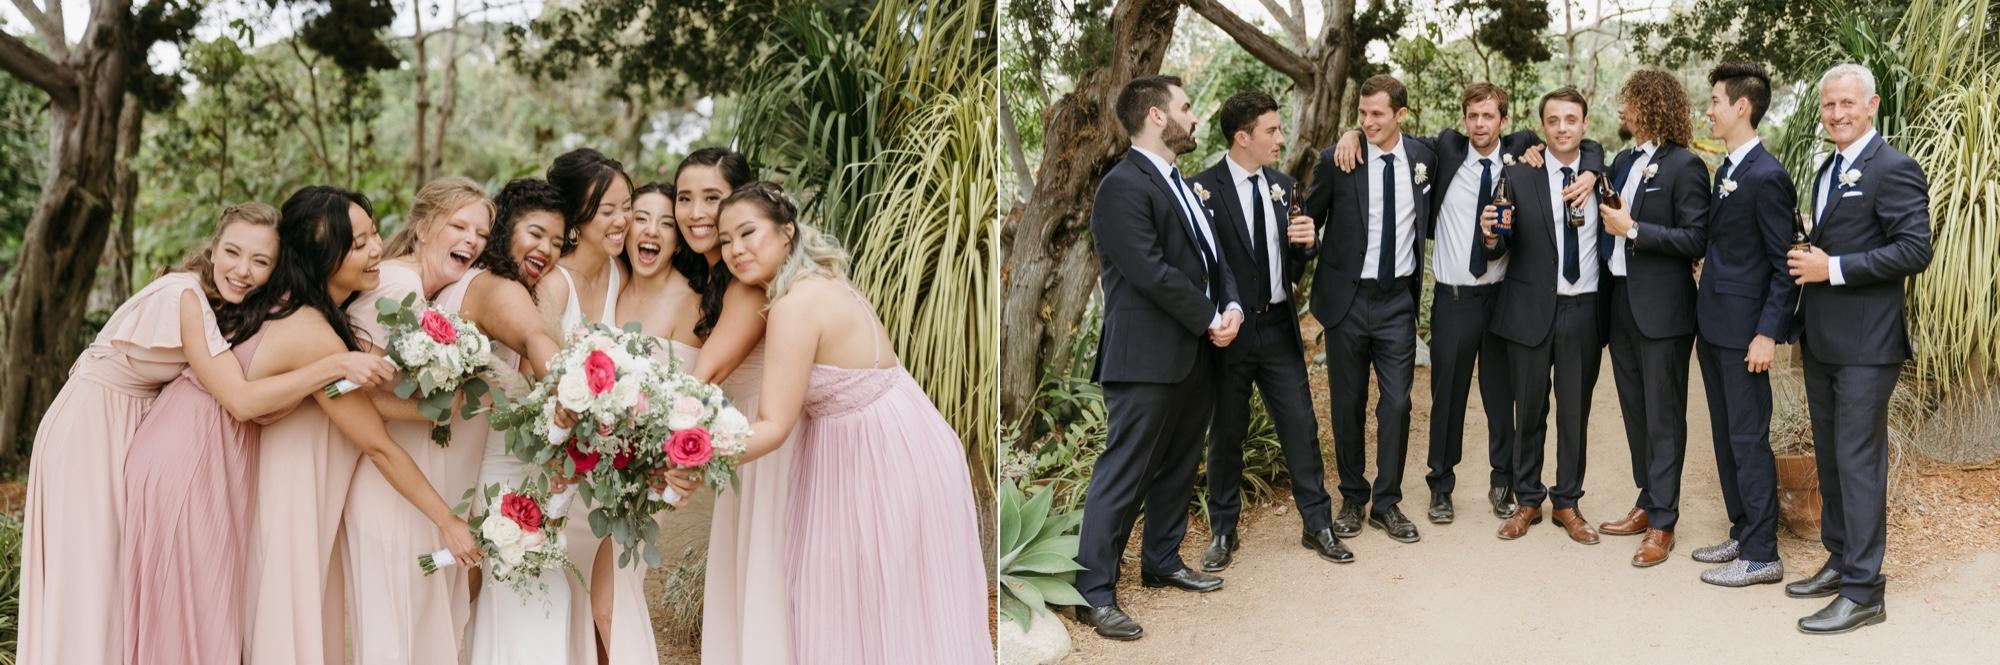 046_Shawna and Steve's Wedding-312_Shawna and Steve's Wedding-286.jpg